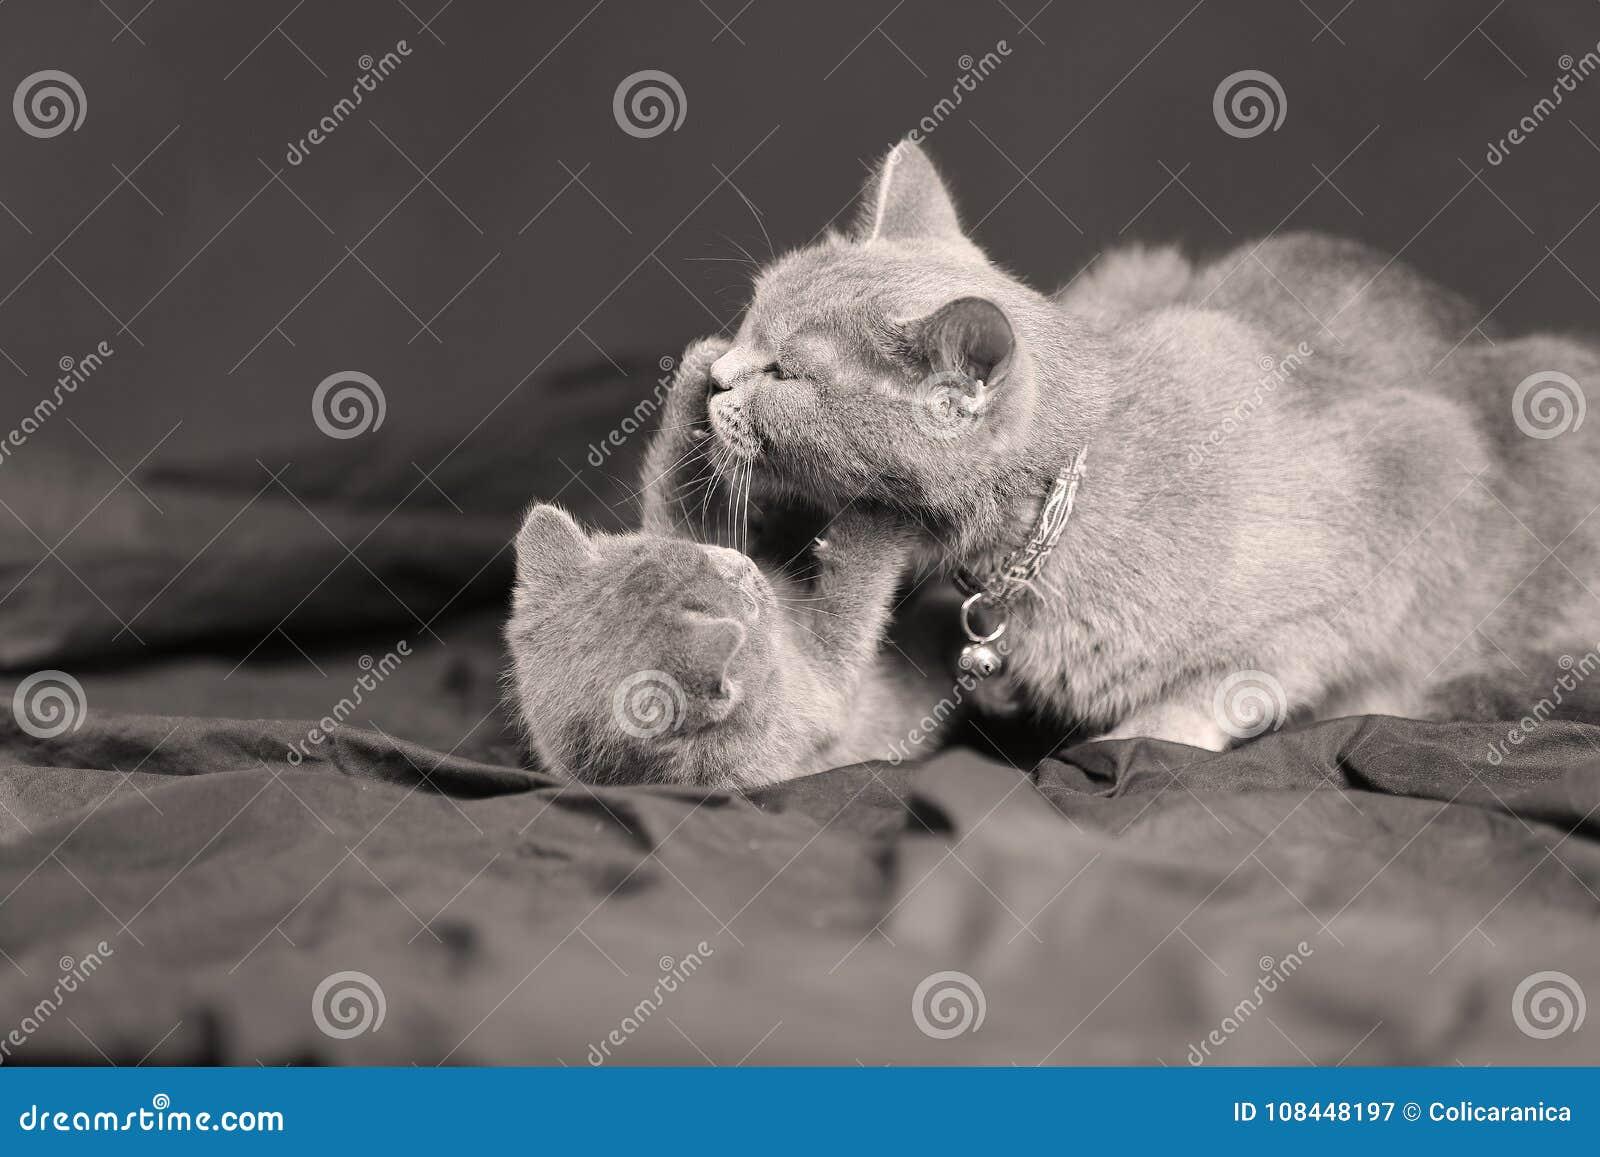 Mutterkatze, die mit ihrem Kätzchen spielt